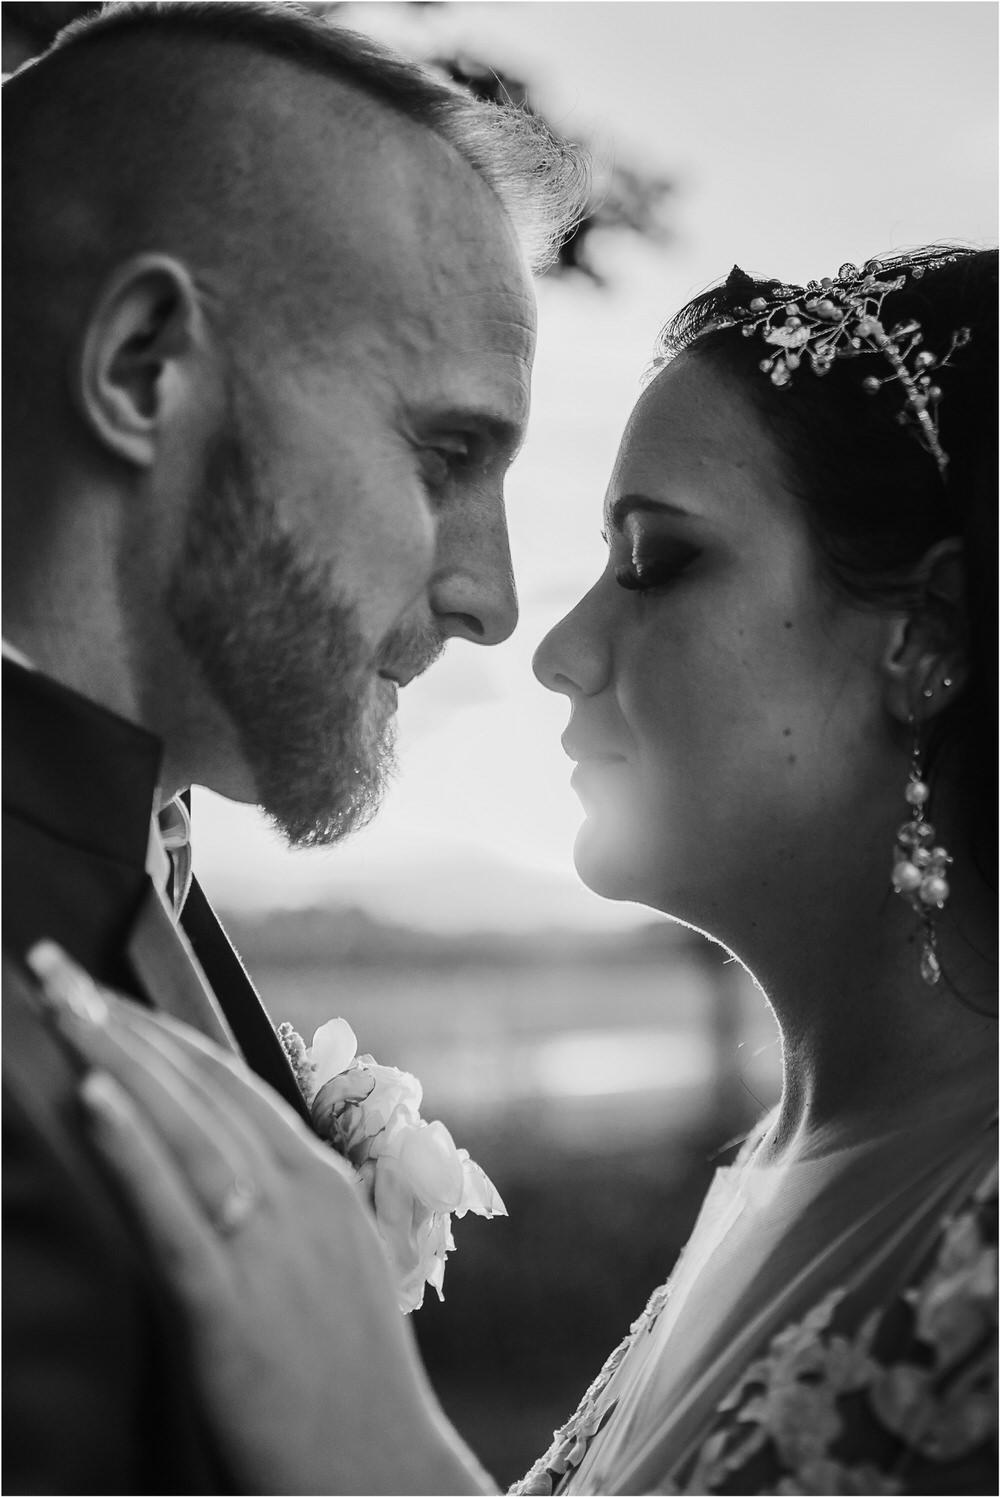 skedenj poroka porocni fotograf fotografiranje elegantna poroka rustikalna poroka pod kozolcem pcakes velesovo mdetail nika grega 0109.jpg